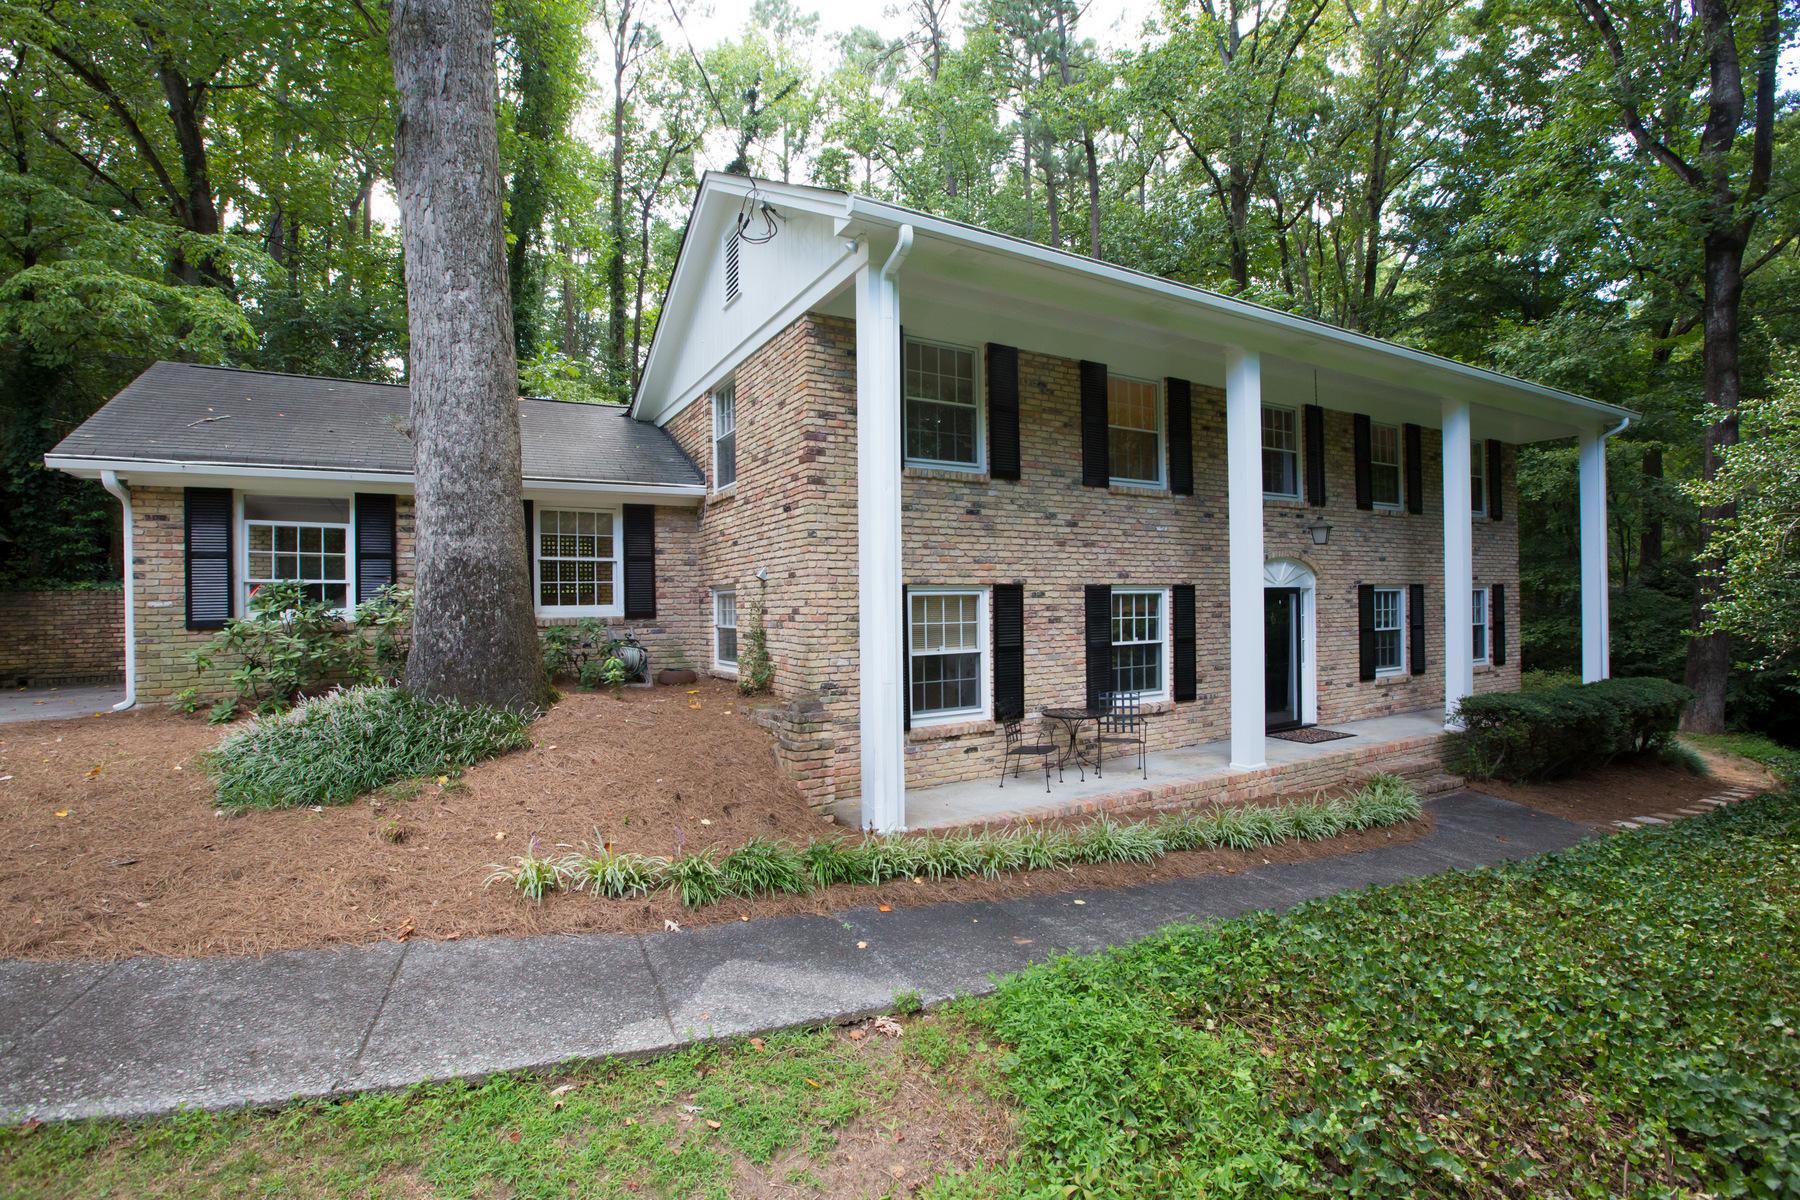 Частный односемейный дом для того Продажа на Gorgeous Mid Century Classic 3560 Embry Circle Atlanta, Джорджия, 30341 Соединенные Штаты